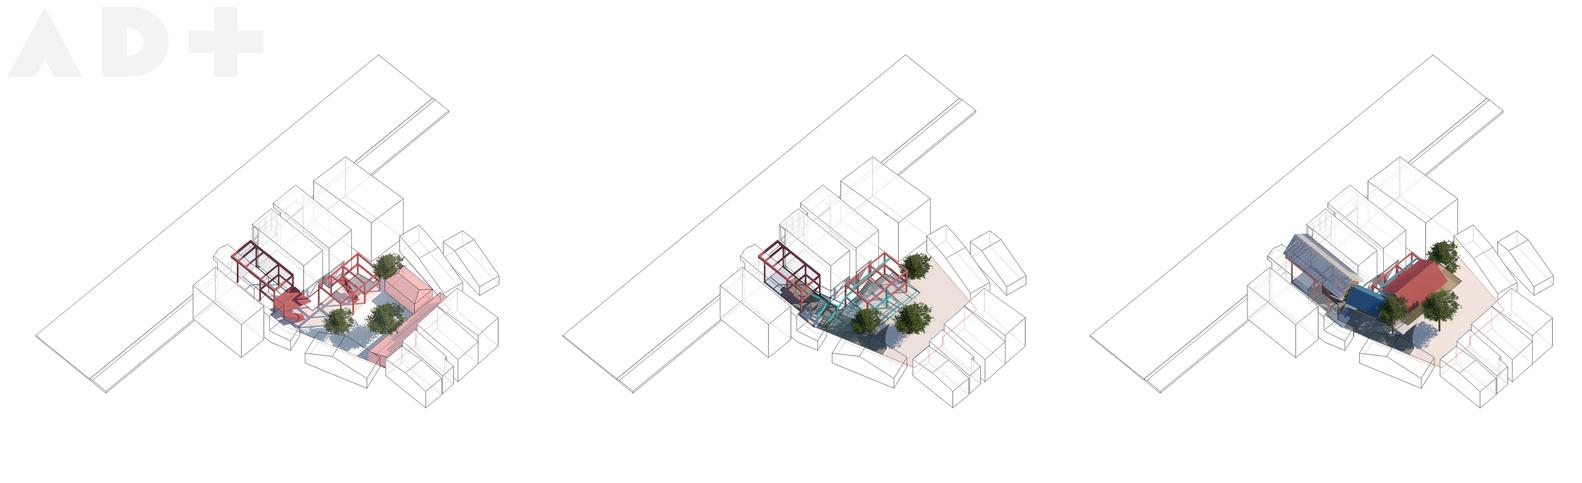 D:AD+studio2015.01 [DUANMOI] T villa l AD+studio1.Drawings